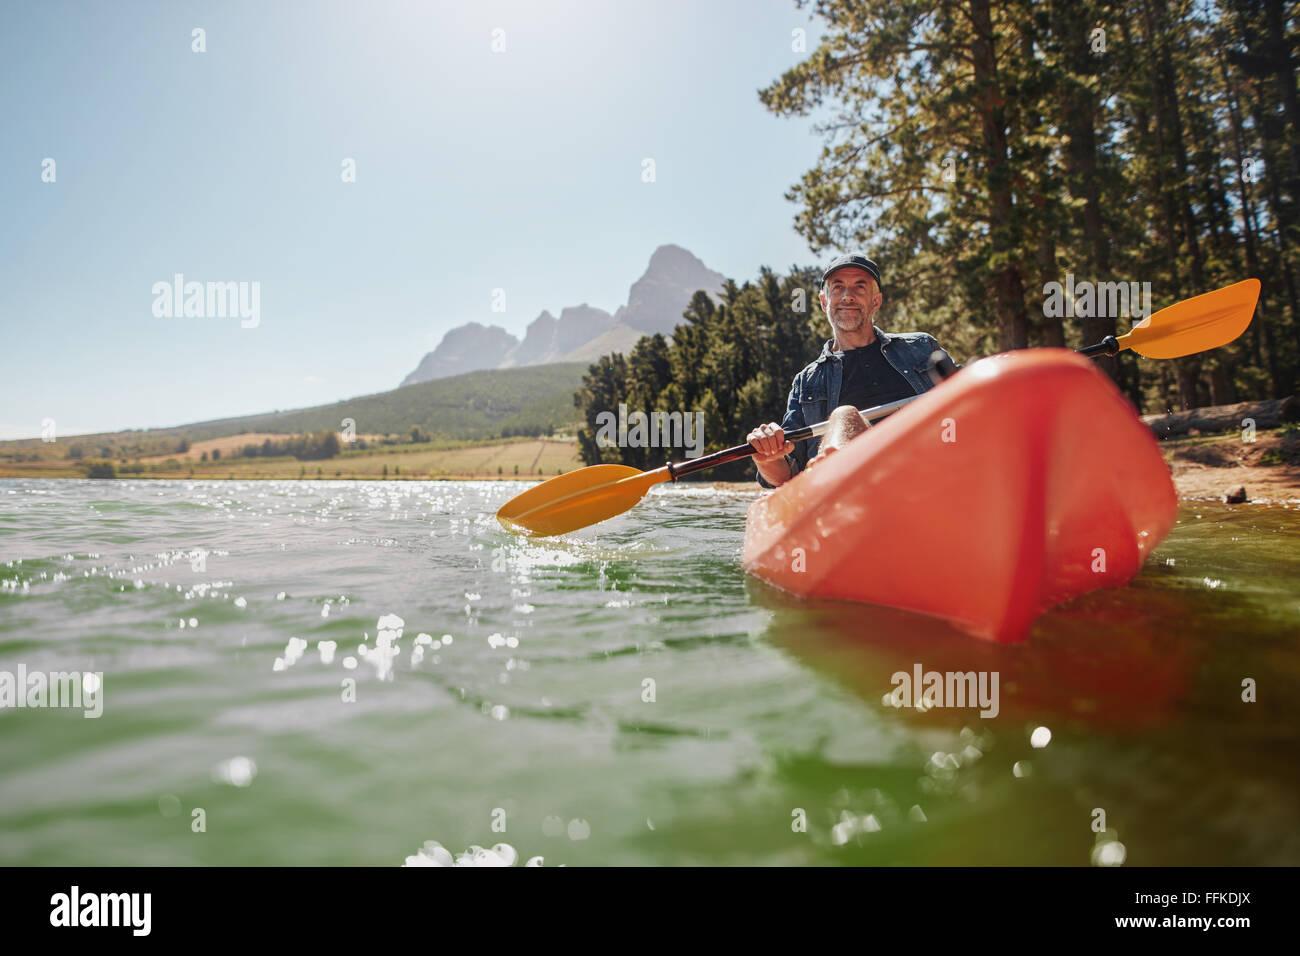 Vista trasera de un hombre senior canoa en un lago en un día soleado. Hombre Senior remando con el kayak. Imagen De Stock